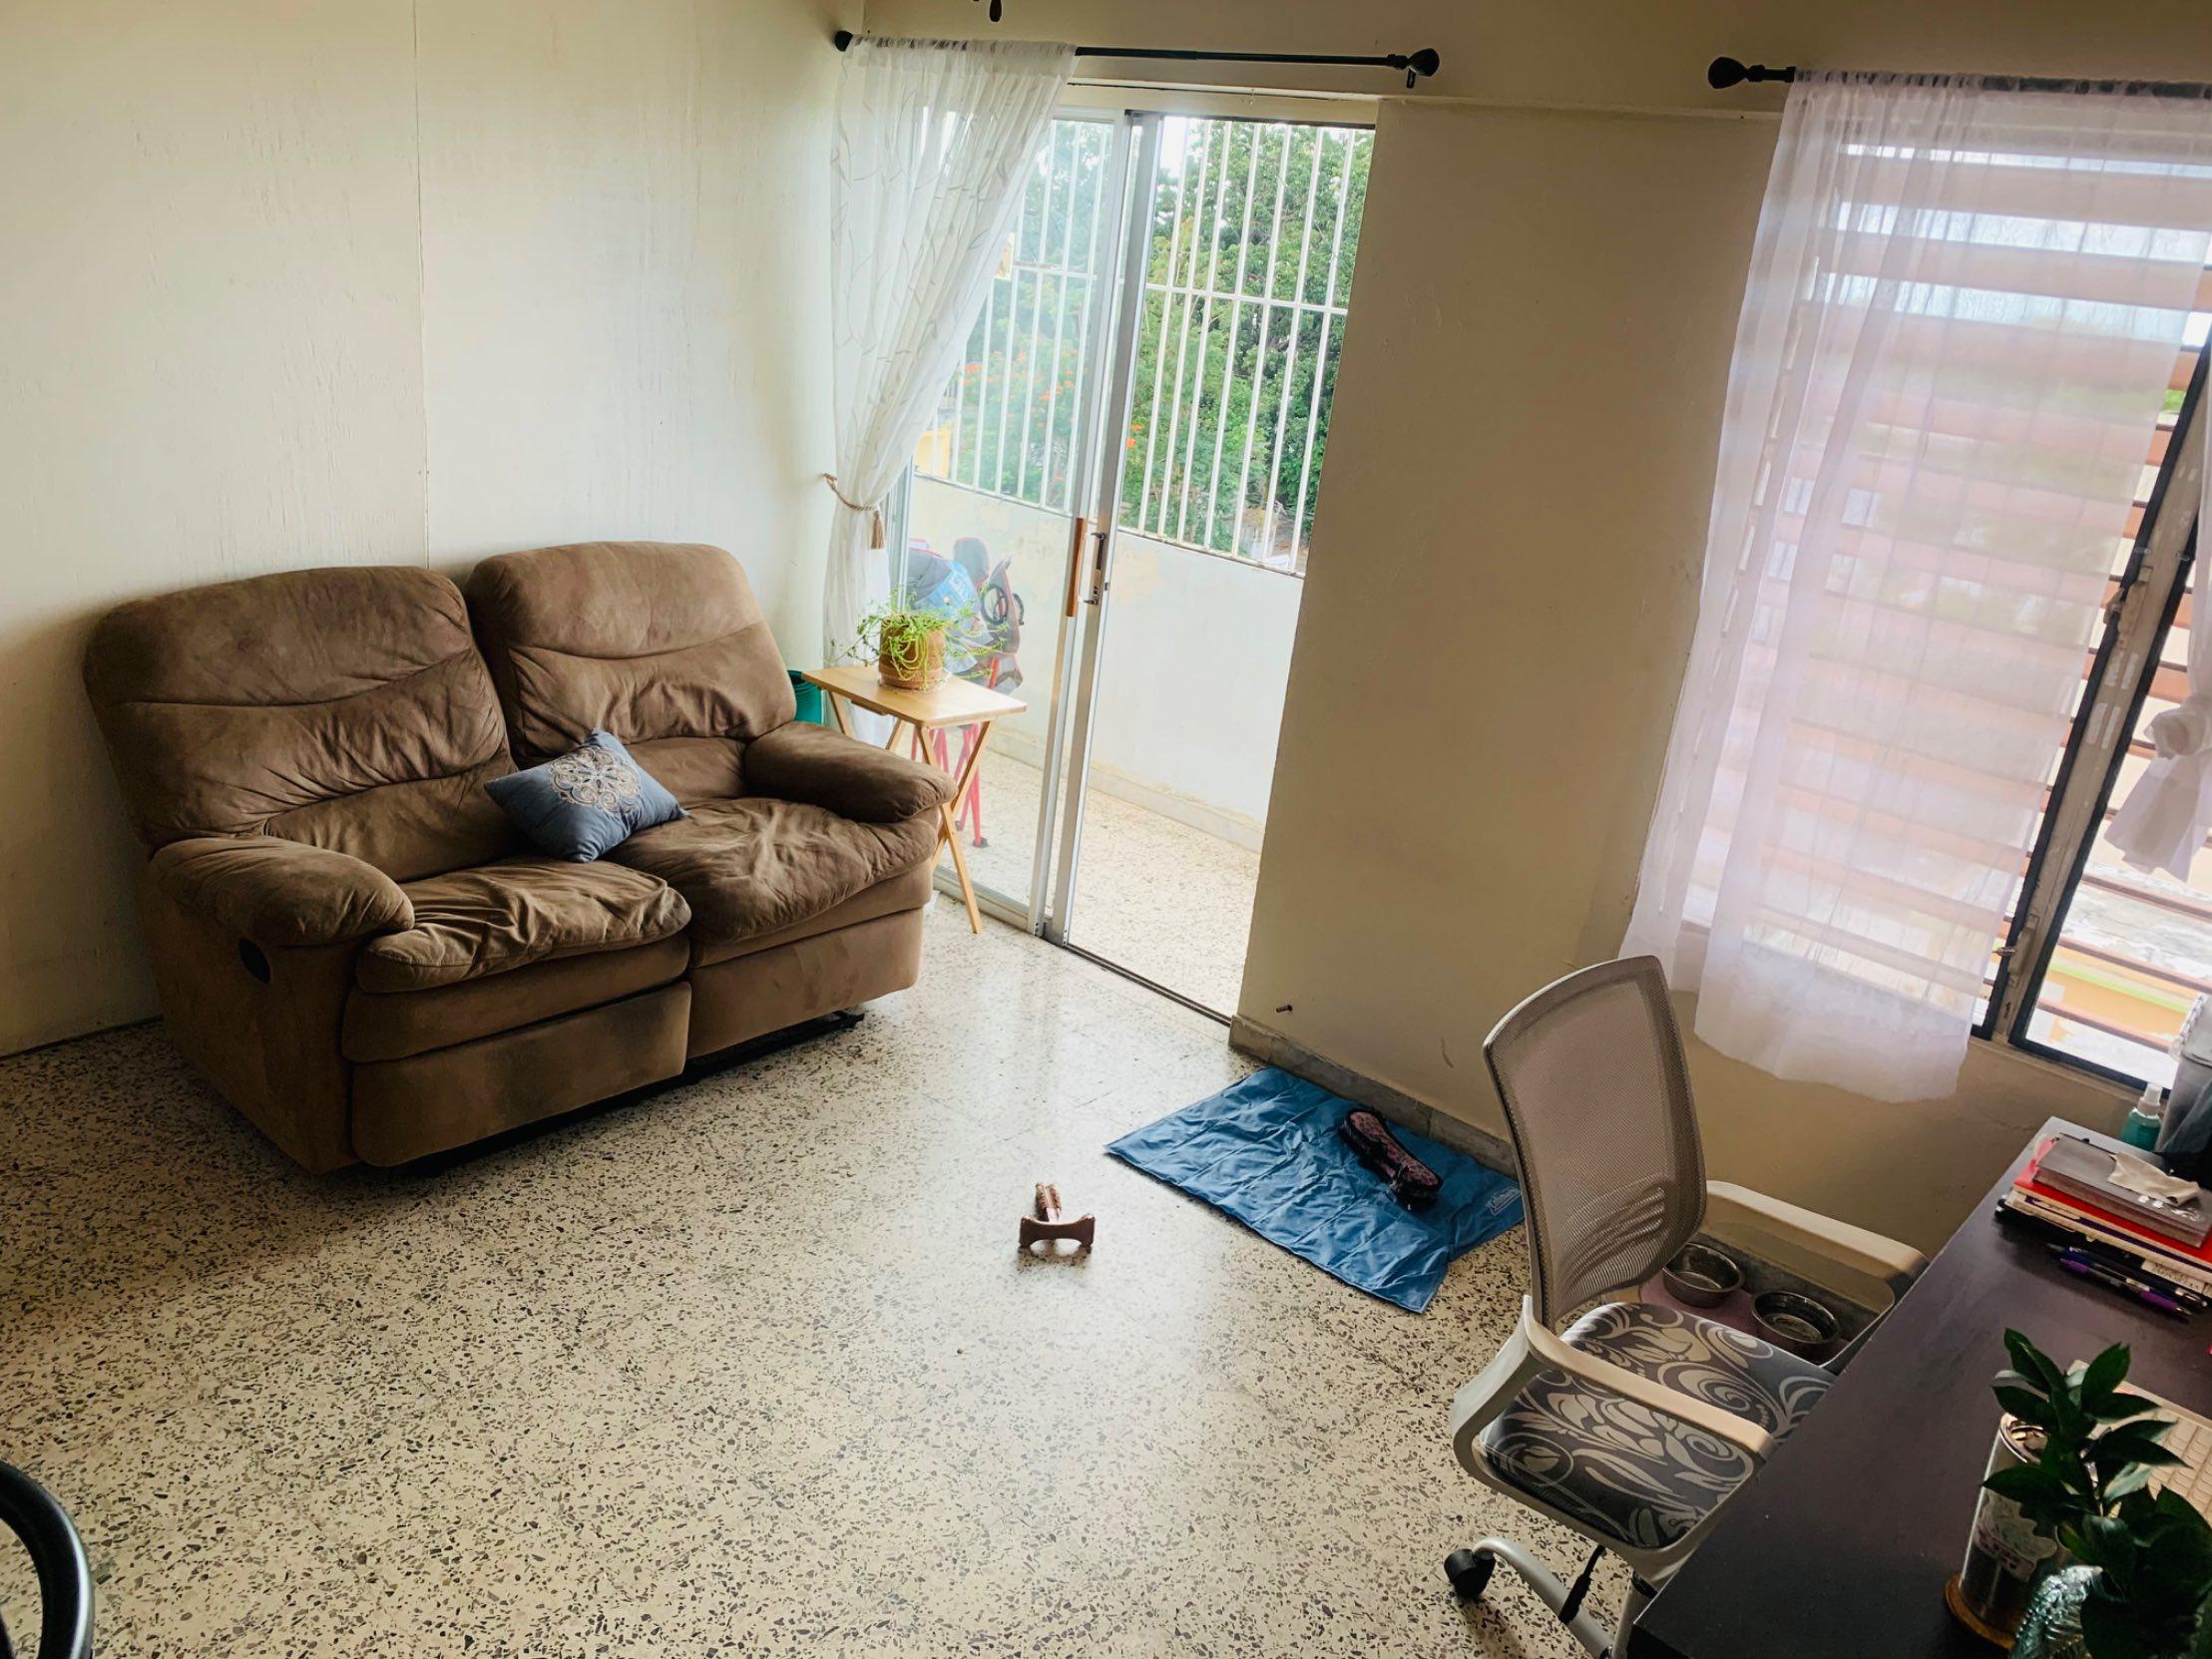 59 Calle Bosque Cond. La Giralda 6A Mayaguez, PR 00680